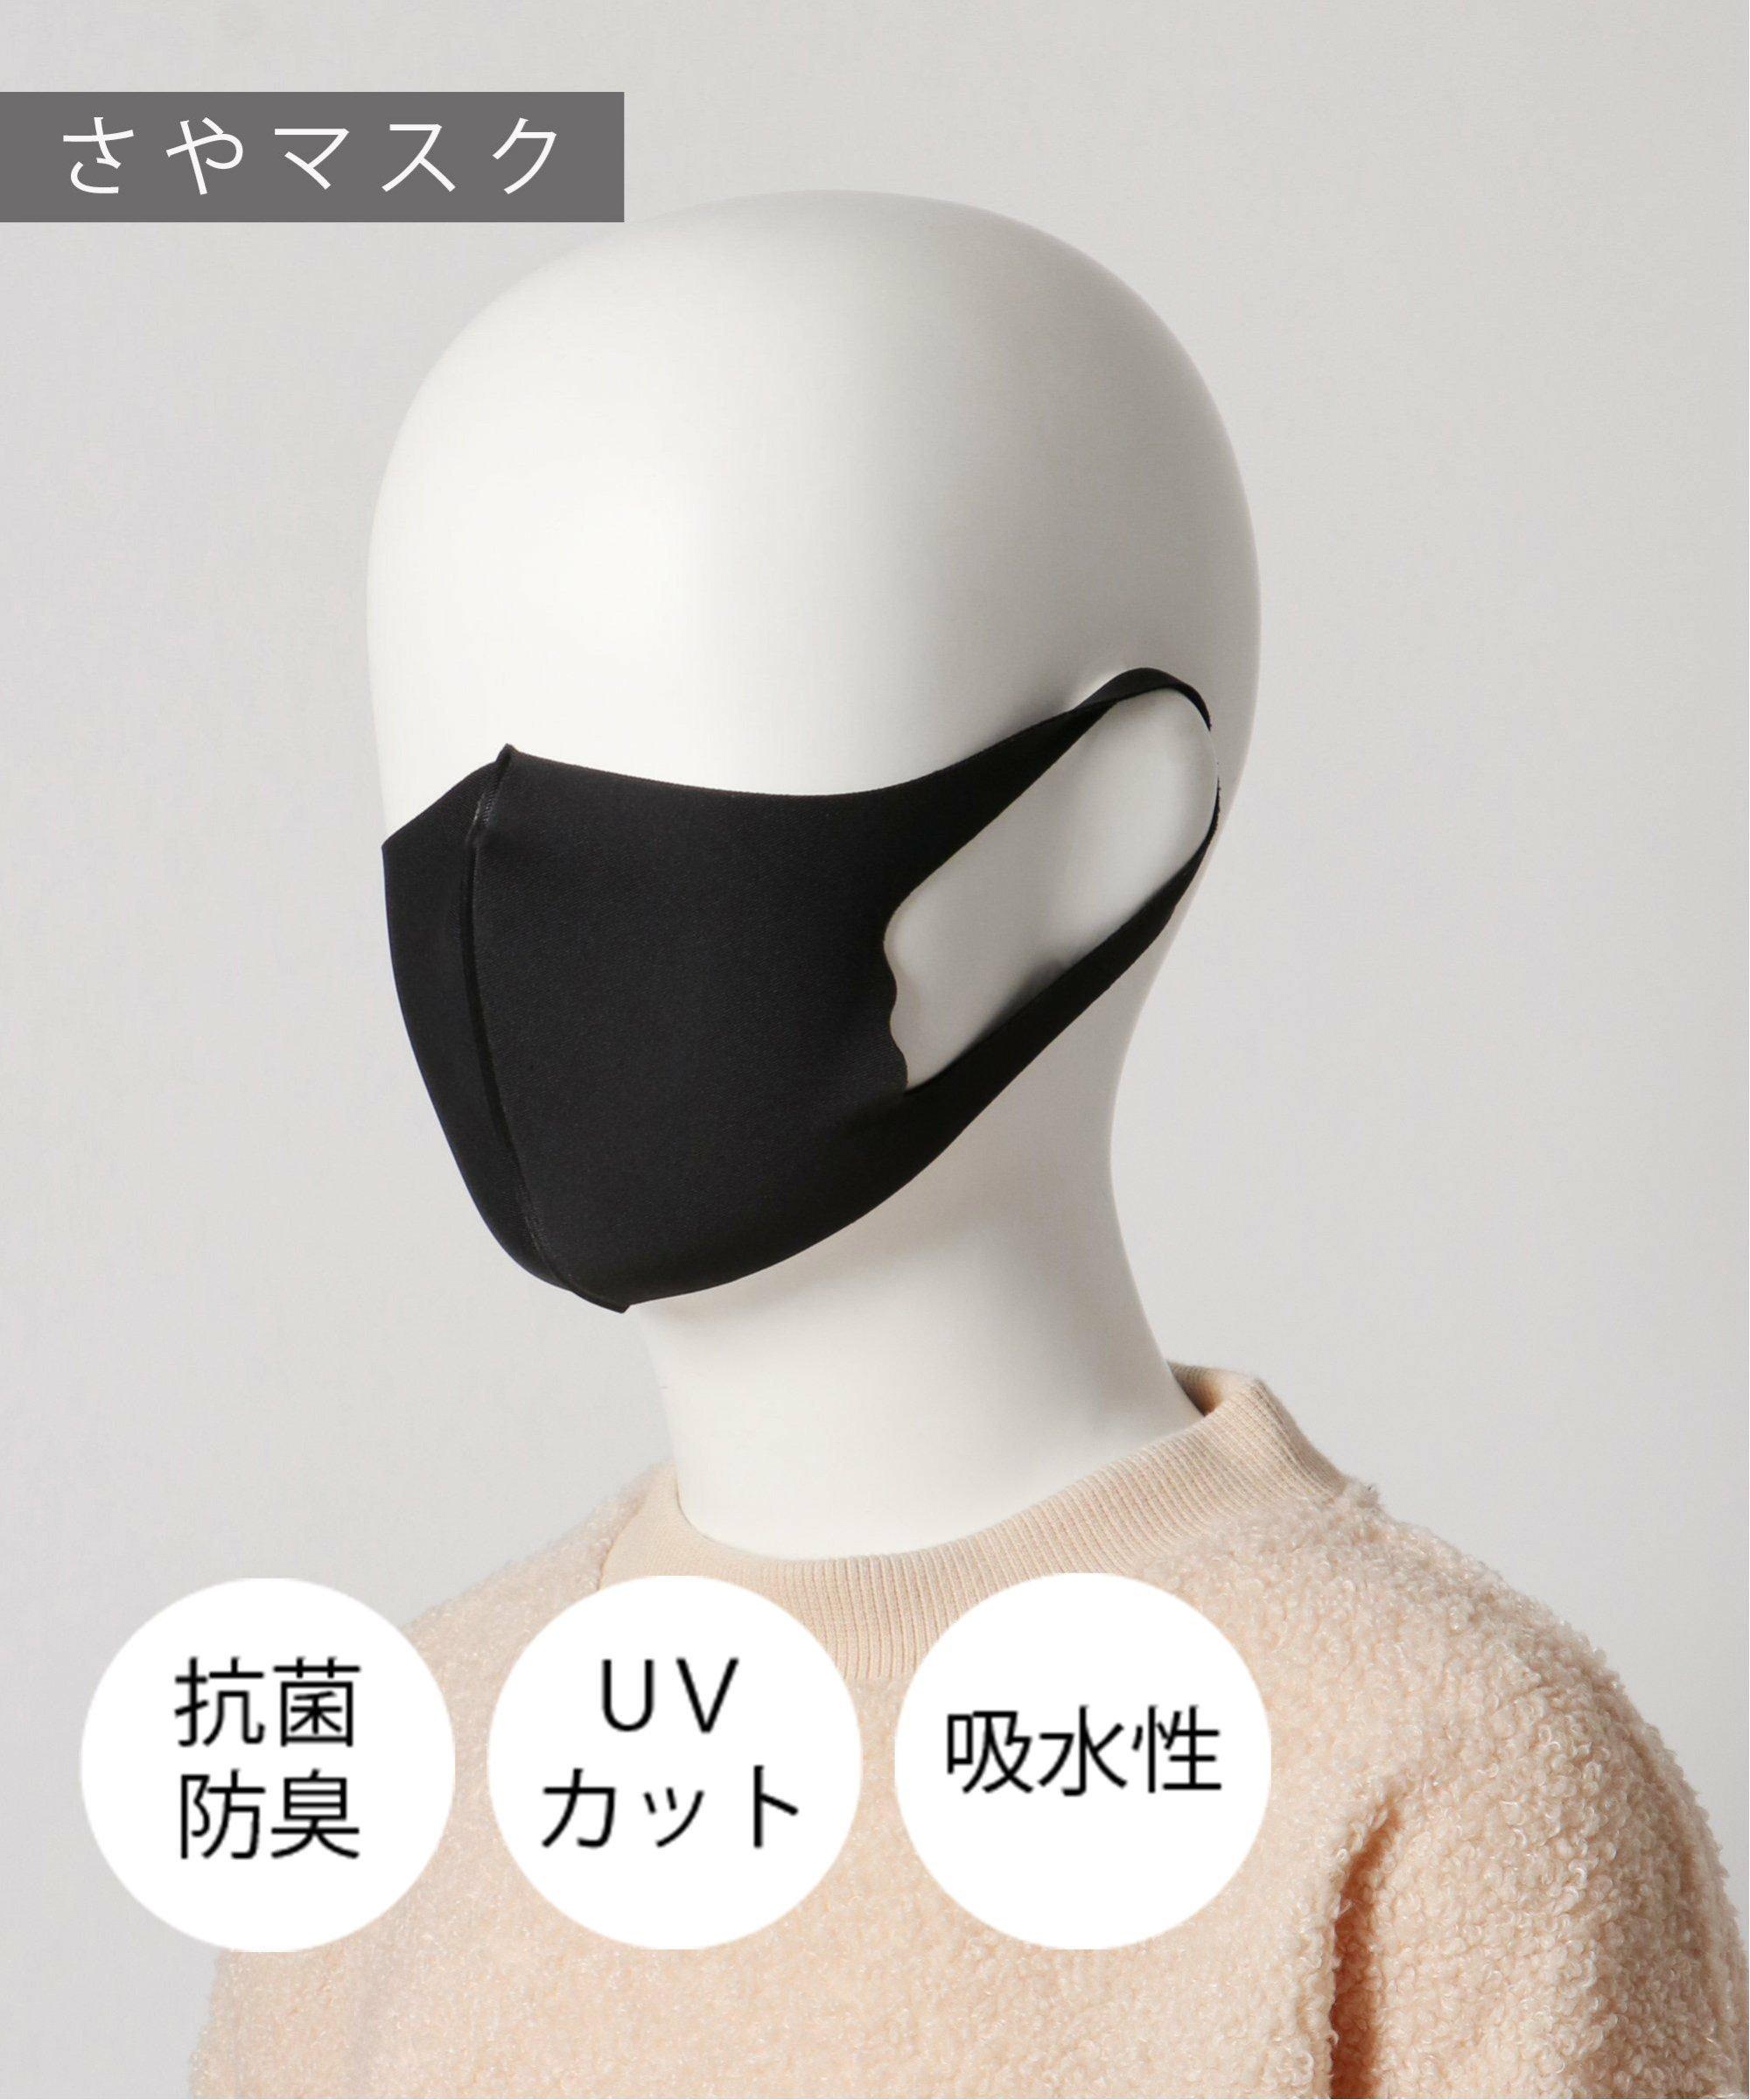 【こども用】 清マスク(さやマスク) ブラック